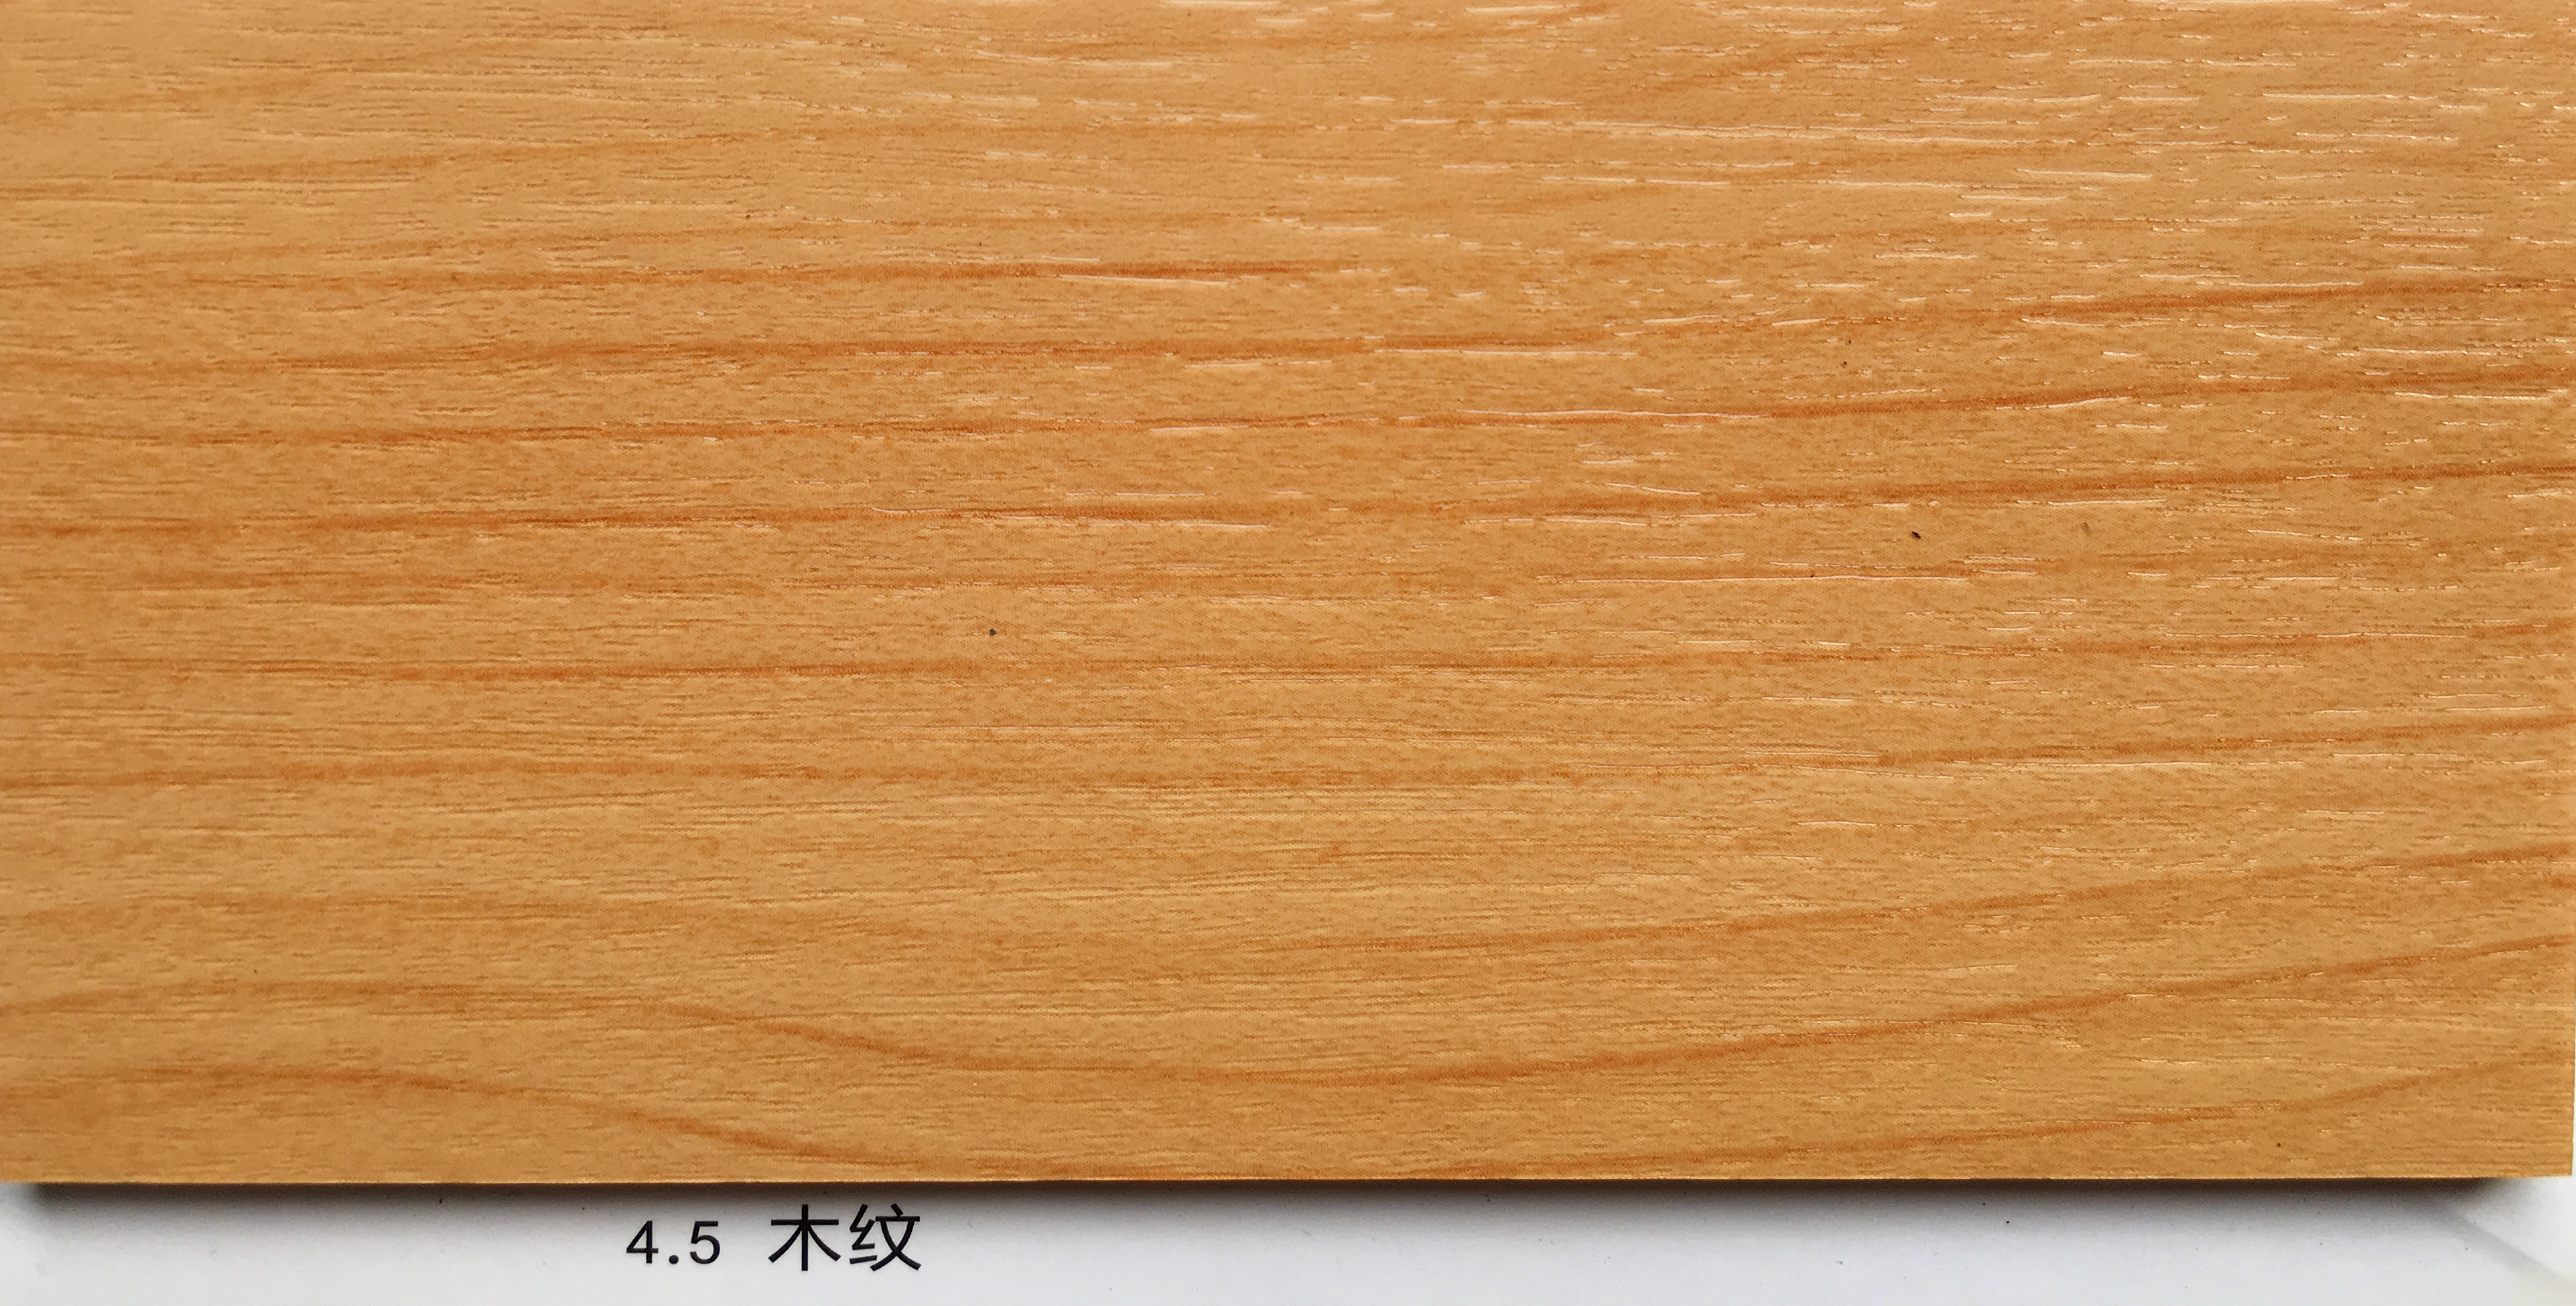 4.5木纹